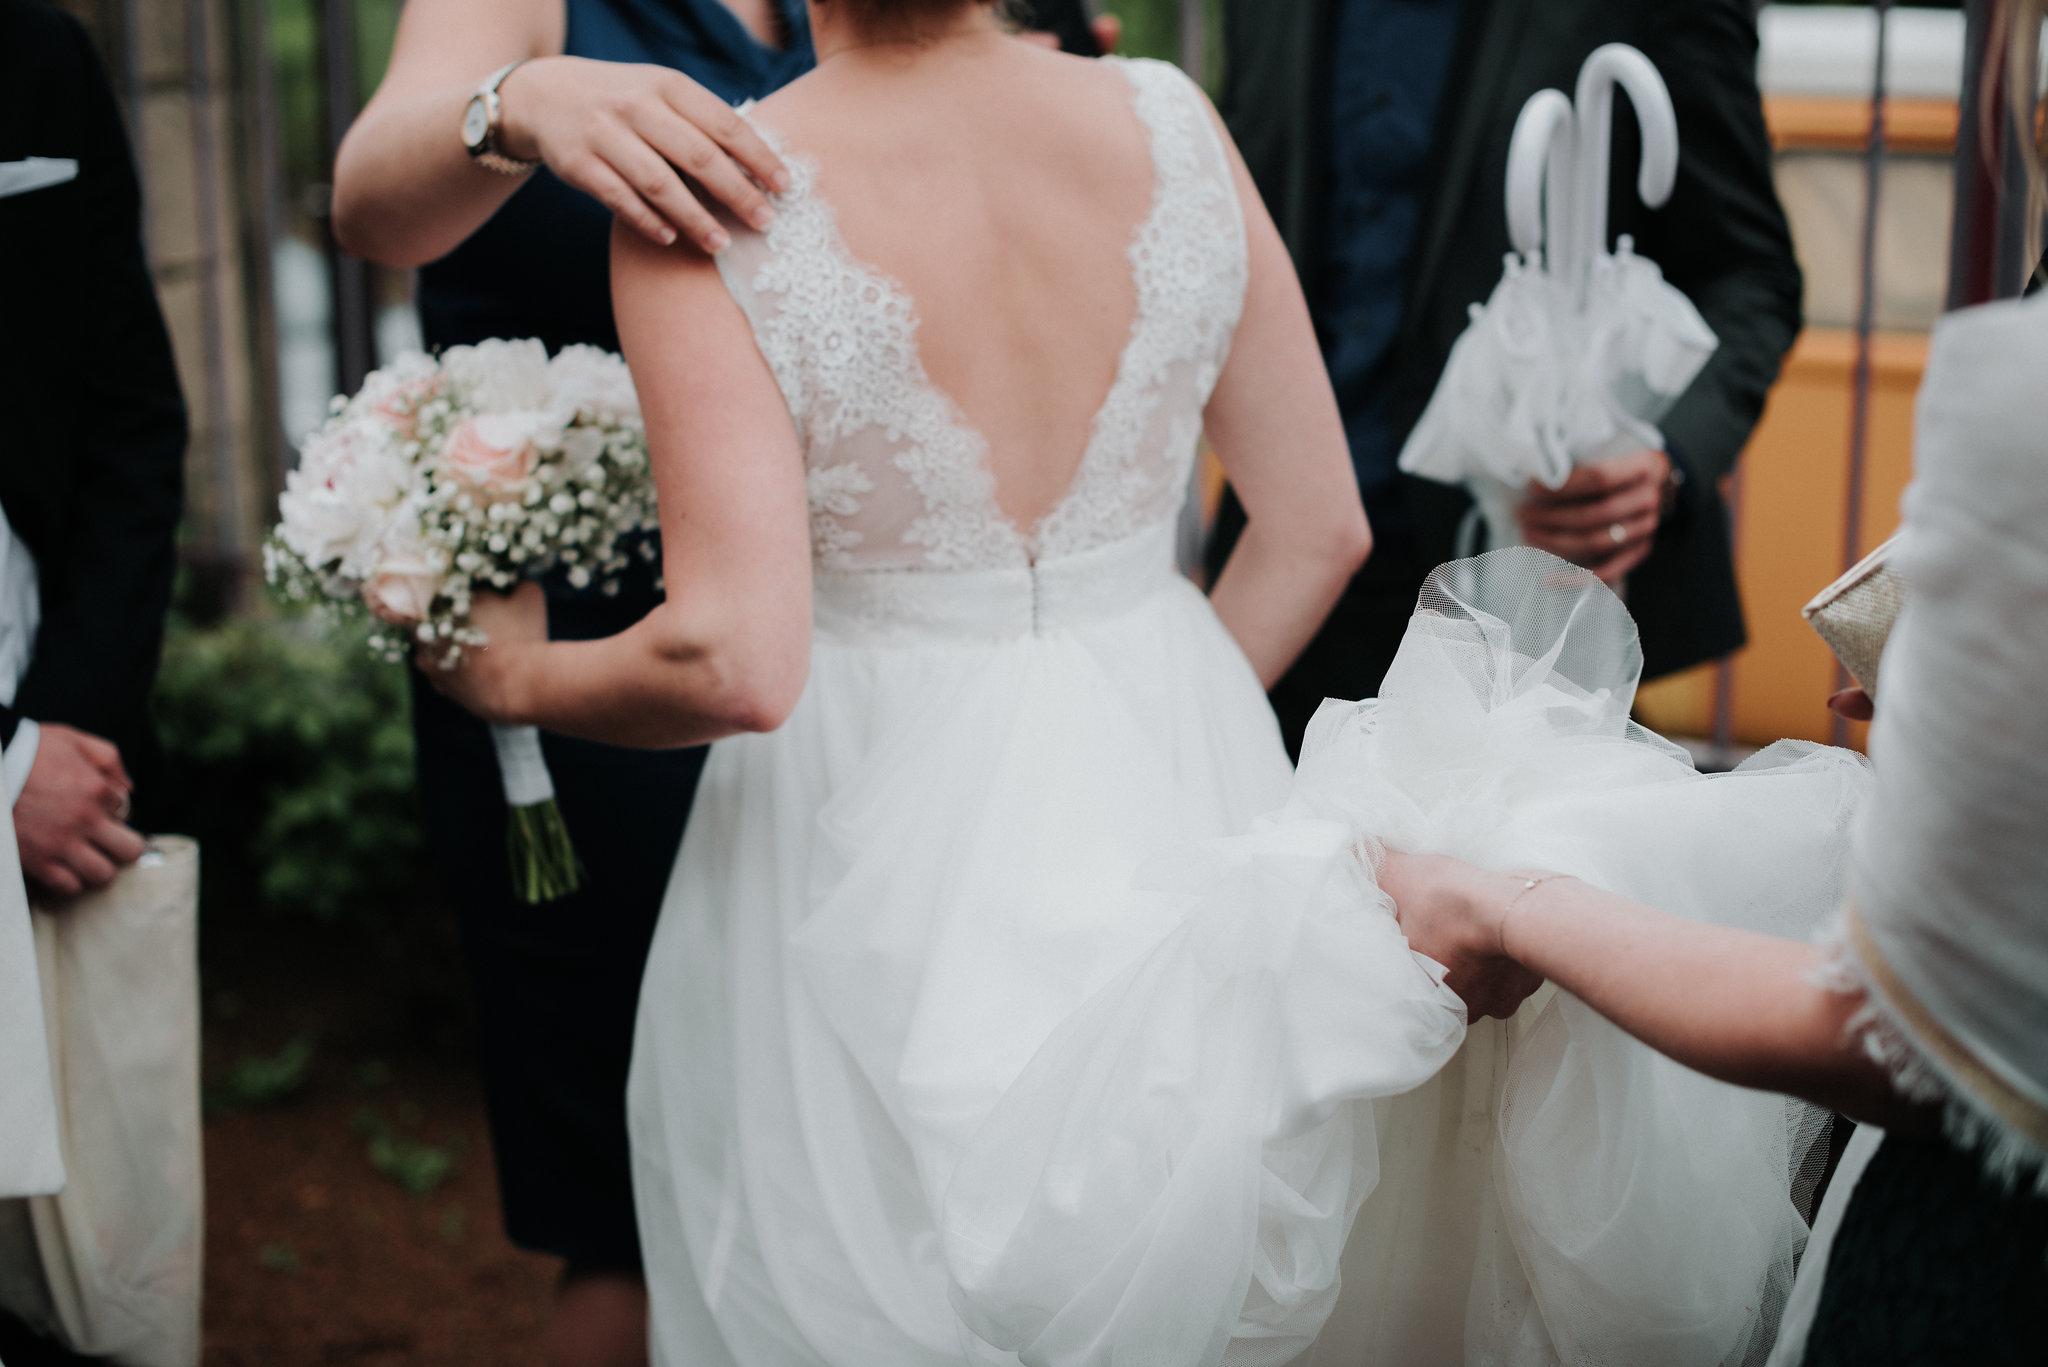 Léa-Fery-photographe-professionnel-lyon-rhone-alpes-portrait-creation-mariage-evenement-evenementiel-famille-2097.jpg